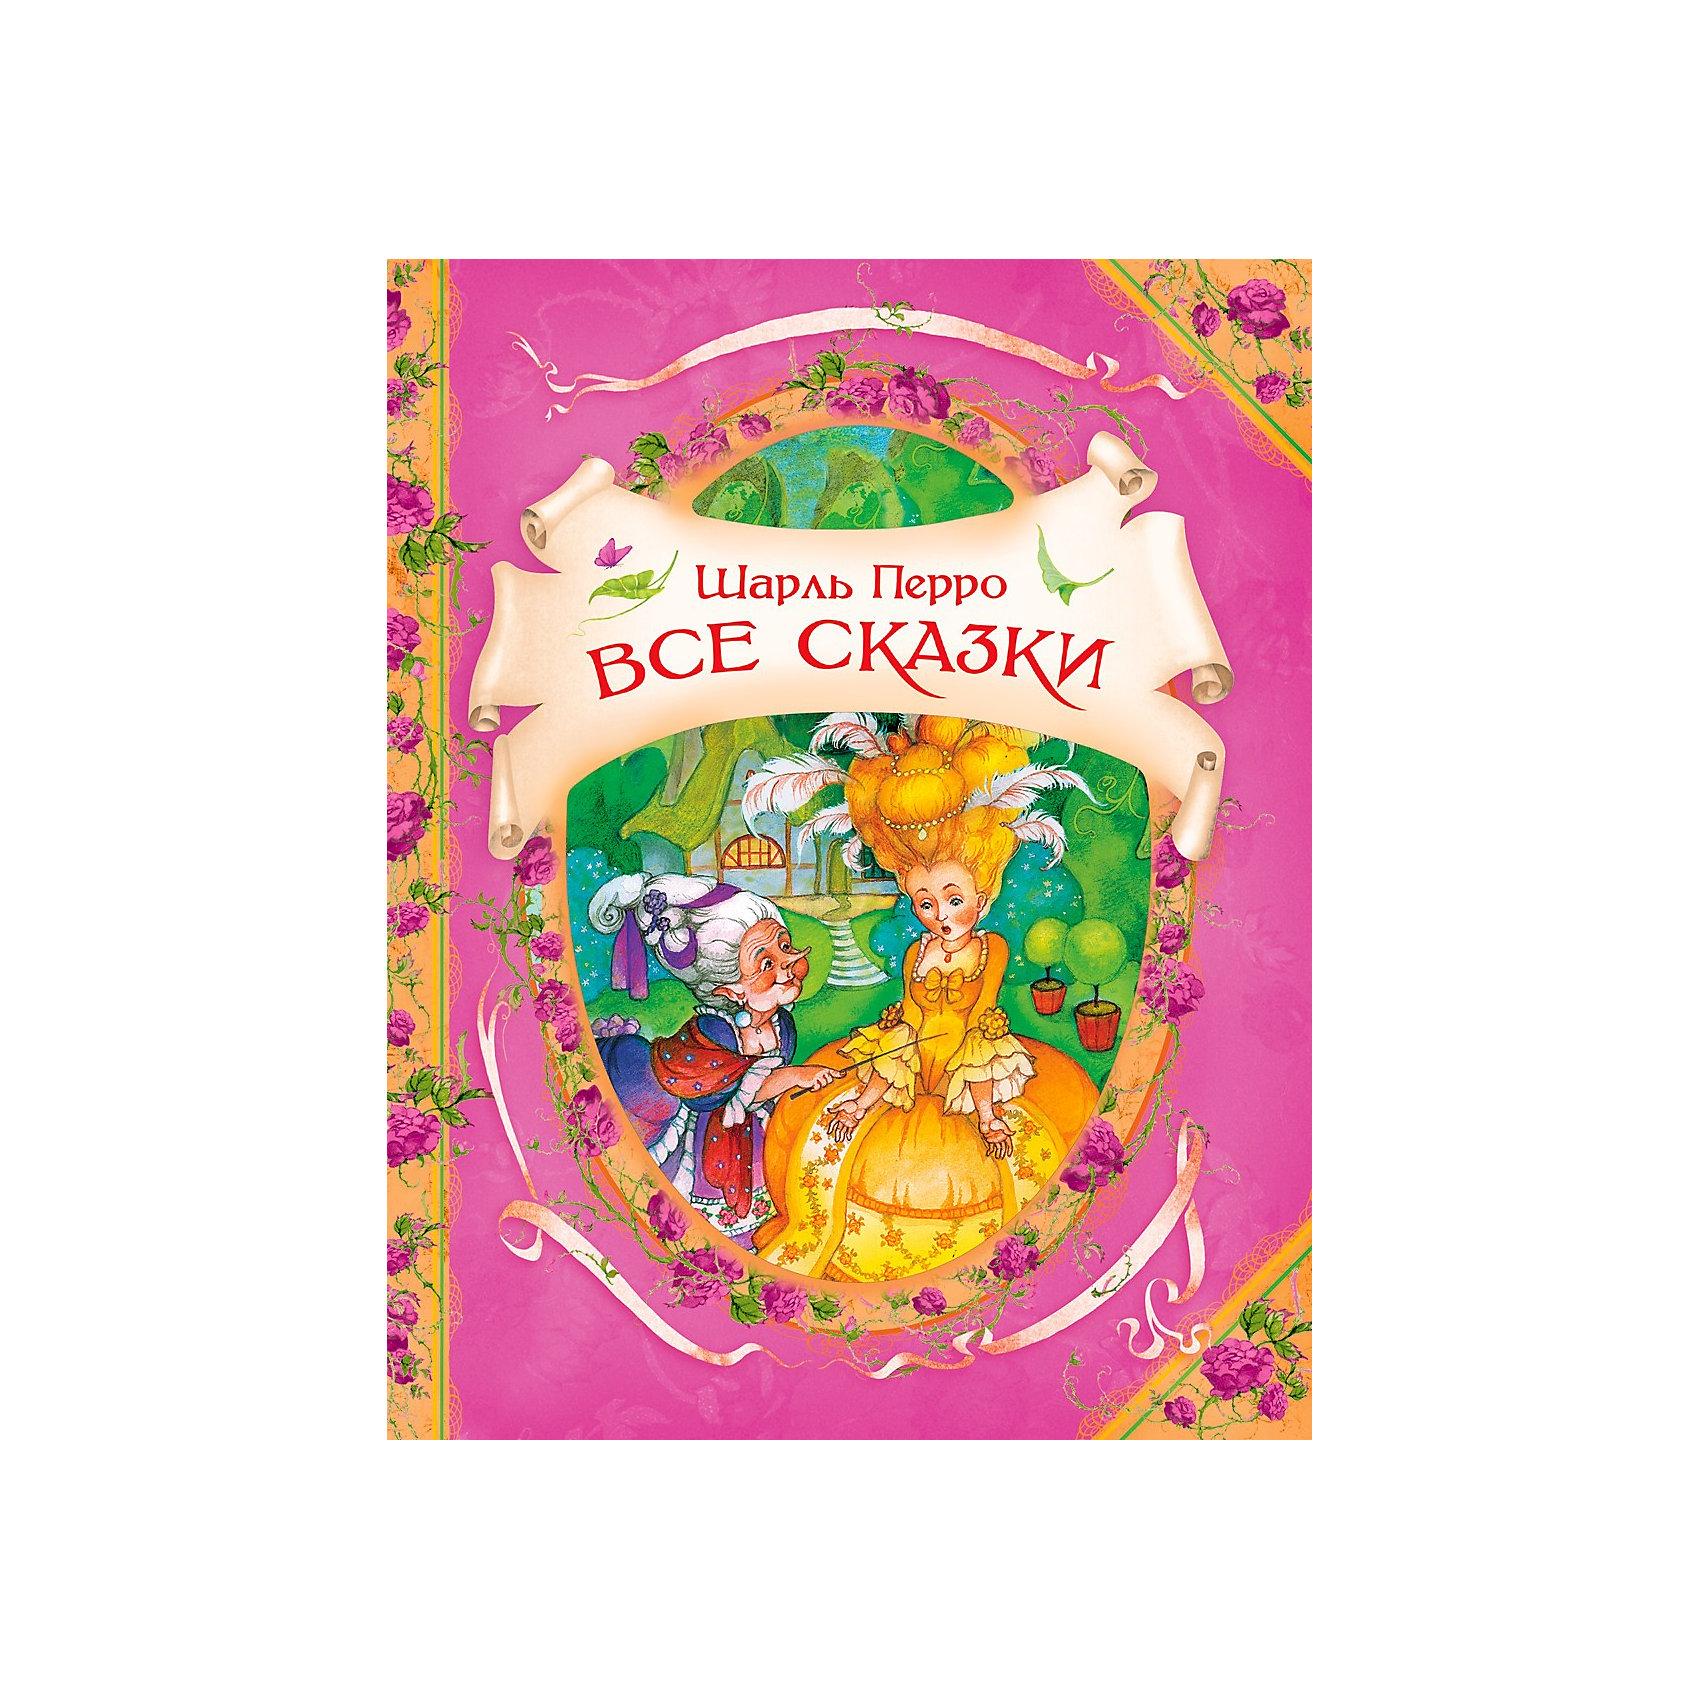 Все сказки Ш. ПерроЗарубежные сказки<br>В сборнике Все сказки от Росмэн представлены самые извесные и популярные сказки  великого и любимого детского писателя Шарля Перро, такие как Кот в сапогах, Золушка, или Хрустальная туфелька, Спящая красавица, Красная шапочка, Ослиная Шкура и другие.<br><br>Книга дополнена чудесными иллюстрациями художницы Ольги Ионайтис и имеет особое оформление (фигурная вырубка на обложке, фольга, мелованная бумага), что делает ее замечательным подарком для юных любителей сказок.<br><br>Перевод А. Введенского, А. Федорова, Т. Габбе, М. Булатова. Тексты сказок издаются несокращённые и в оригинале.<br><br>Дополнительная информация:<br><br>Тип переплета (Обложка): твердый<br>Формат (мм): 196х255<br>Количество страниц: 128 стр.<br>ISBN: 978-5-353-05693-5<br>Наличие иллюстраций: цветные<br><br>Ширина мм: 180<br>Глубина мм: 140<br>Высота мм: 20<br>Вес г: 100<br>Возраст от месяцев: 60<br>Возраст до месяцев: 84<br>Пол: Унисекс<br>Возраст: Детский<br>SKU: 3177452